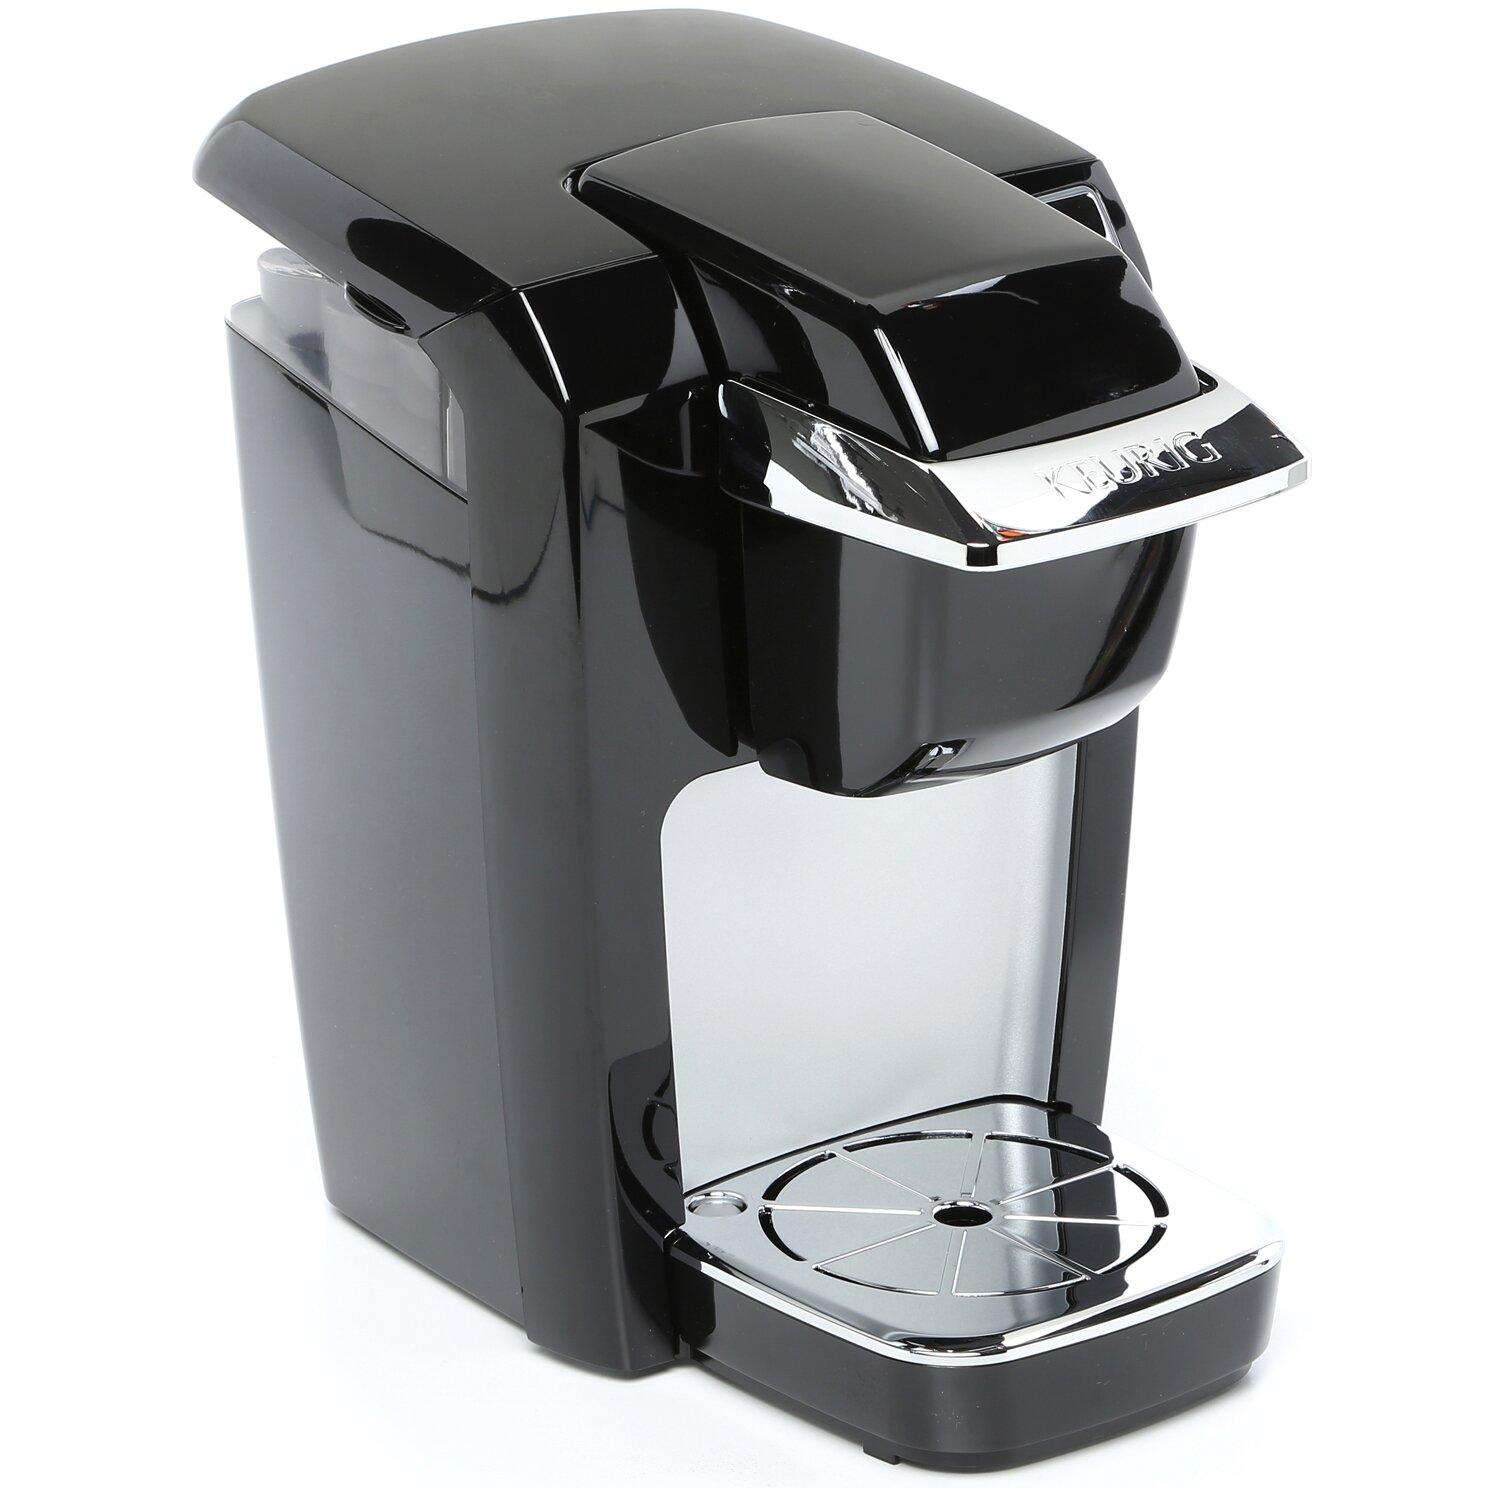 Keurig k15 coffee maker reviews wayfair for Keurig coffee maker